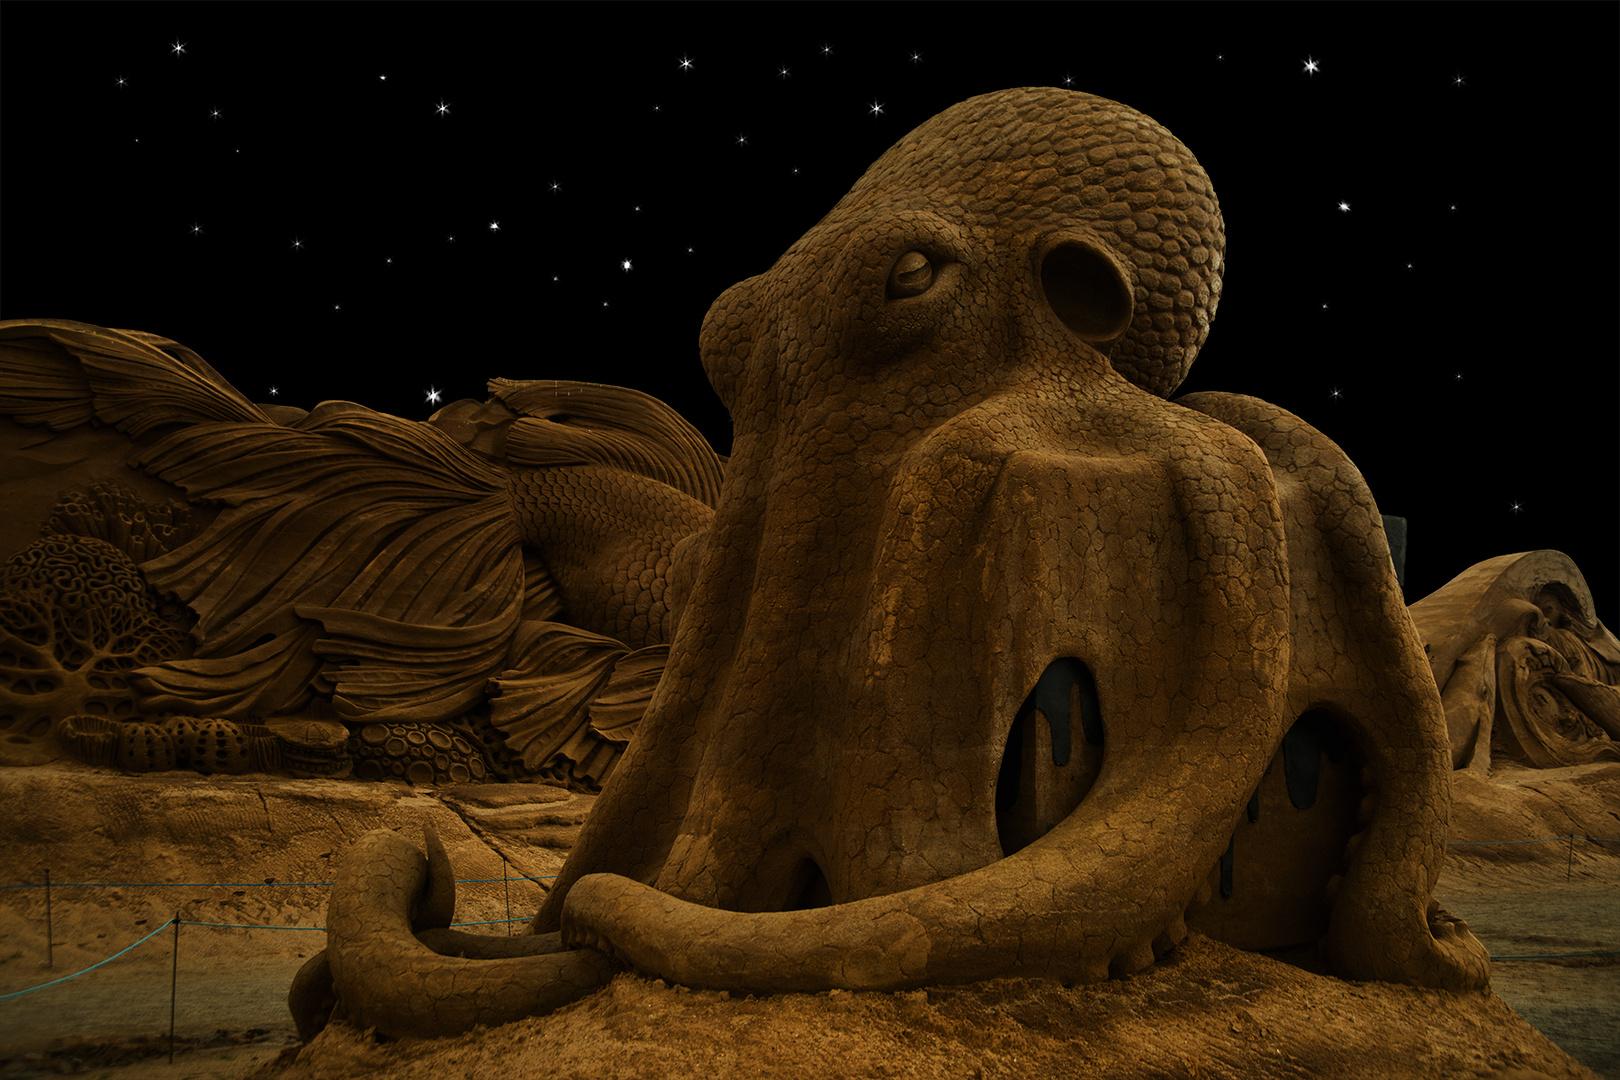 Wenn der Octopus zur Ruhe geht